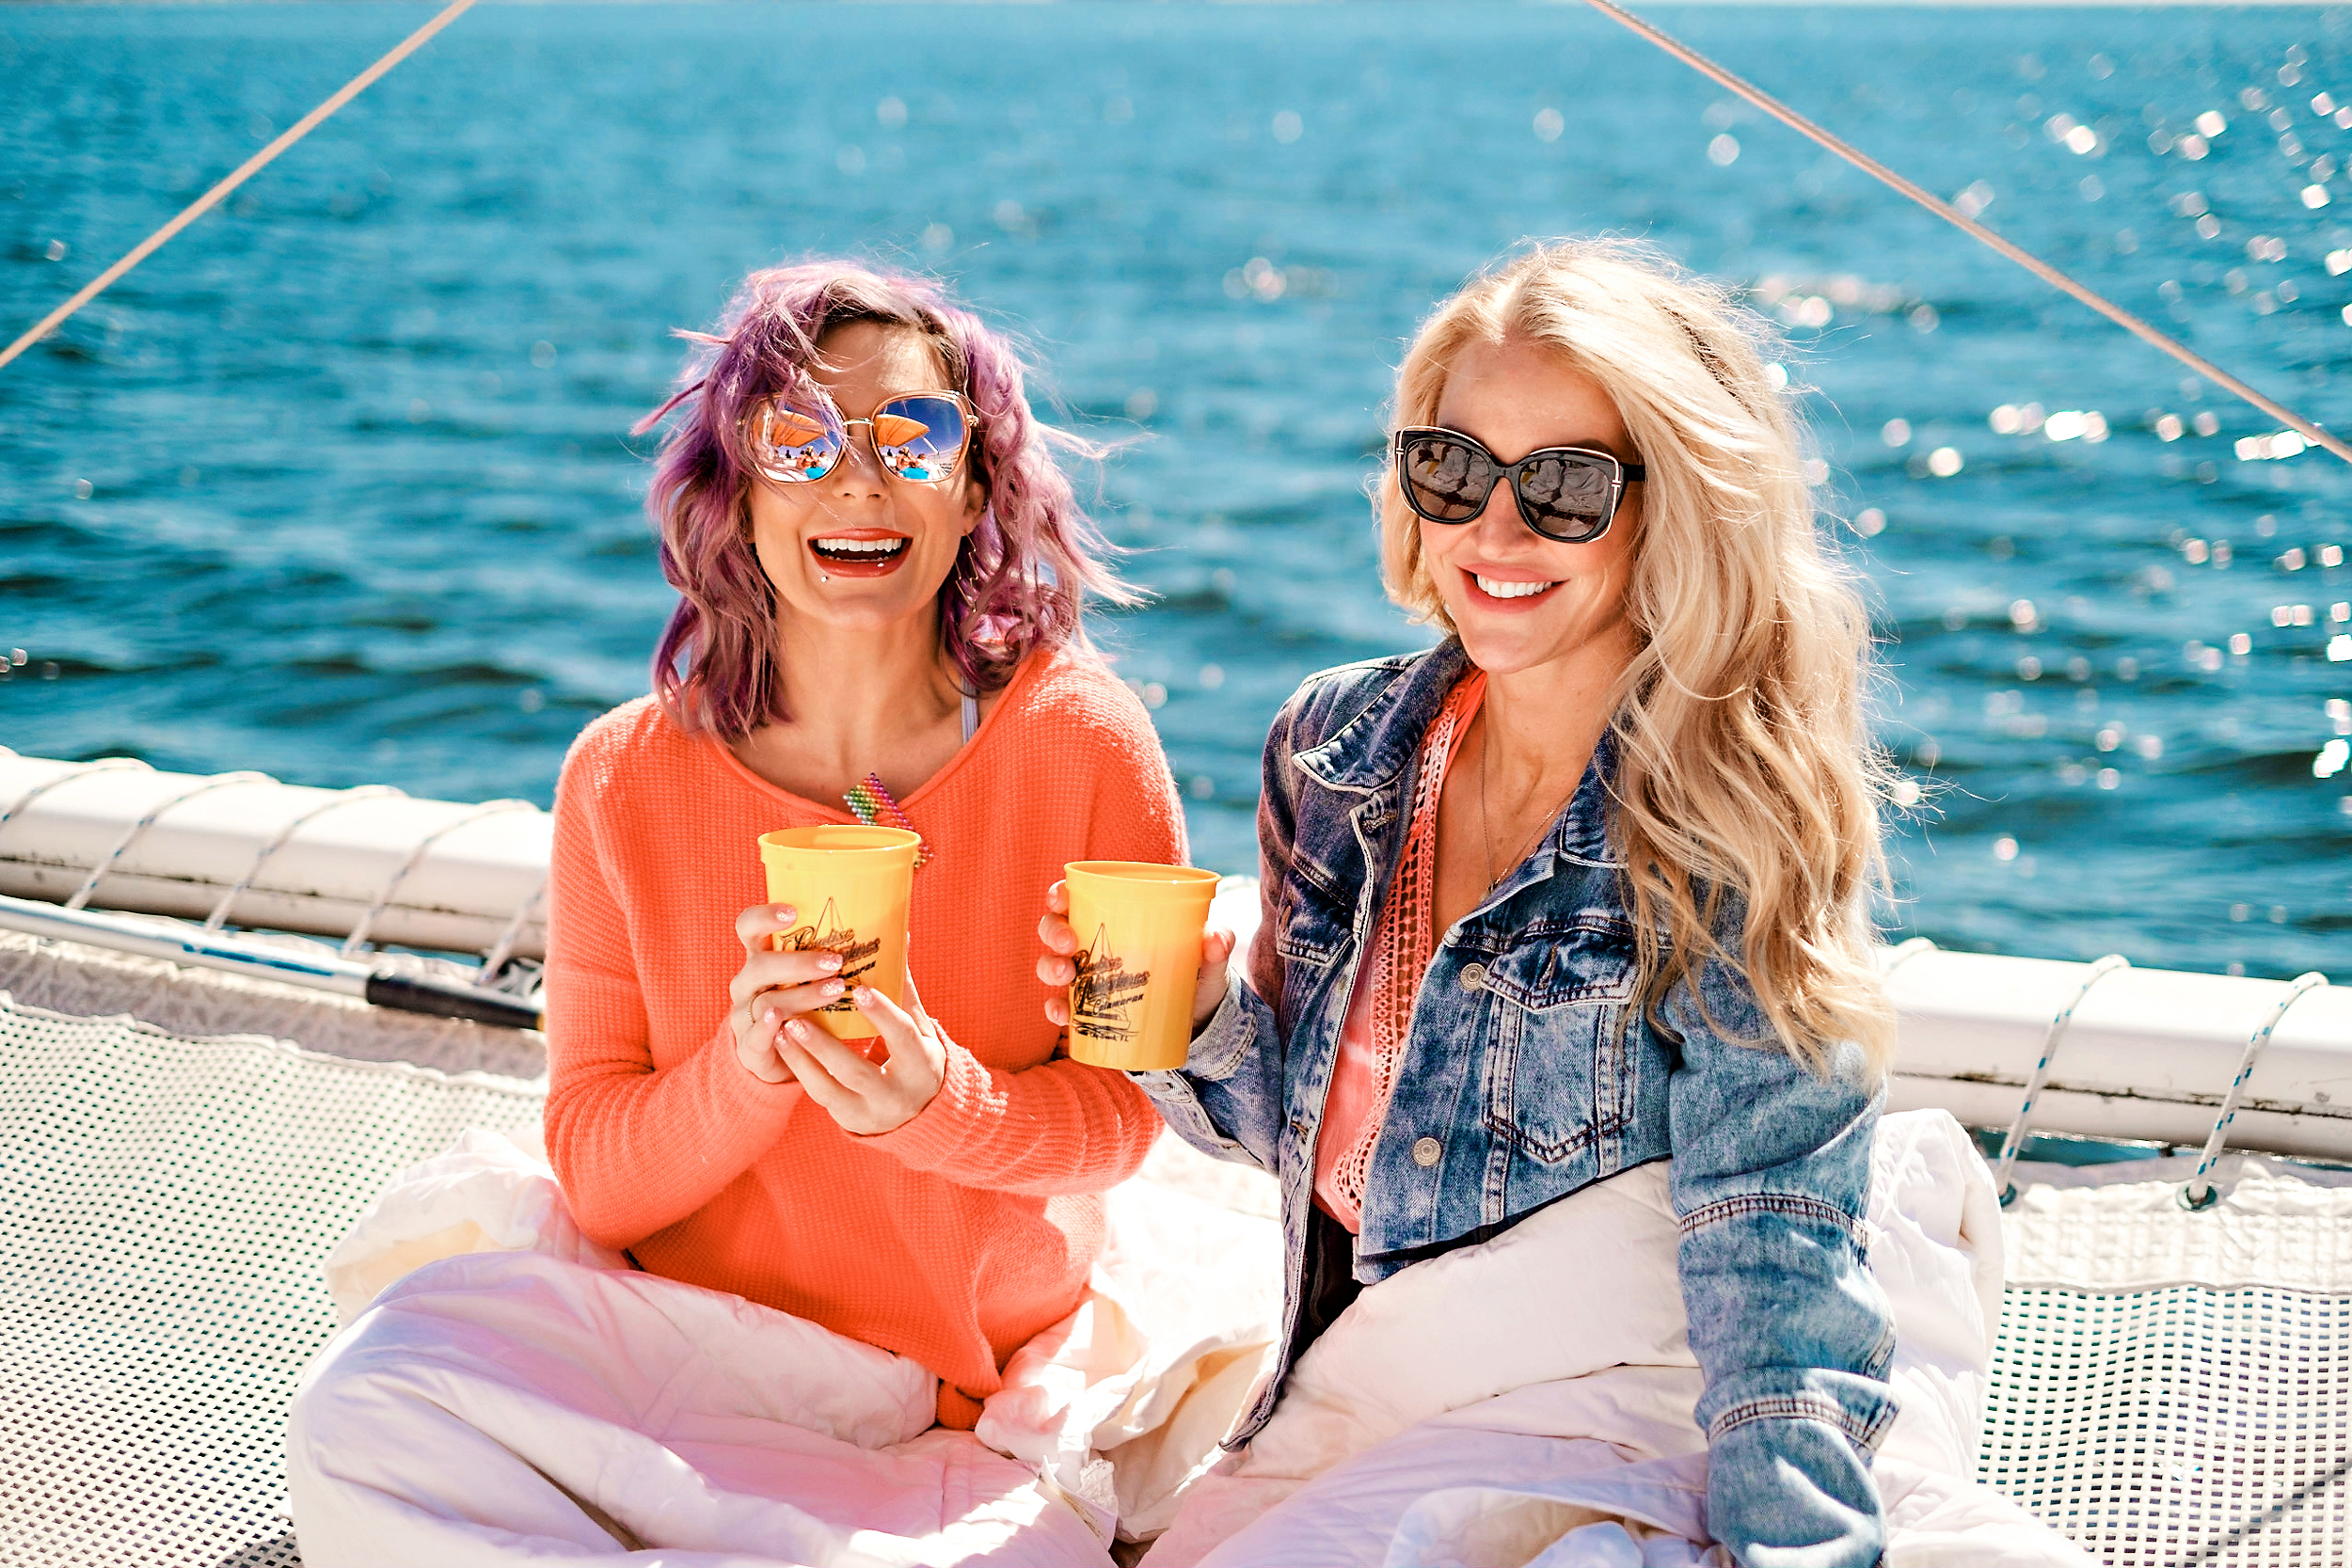 Heading to Panama City Beach with the family soon? Popular Atlanta Blogger Happily Hughes is sharing her Panama City Beach Family Travel Guide HERE!